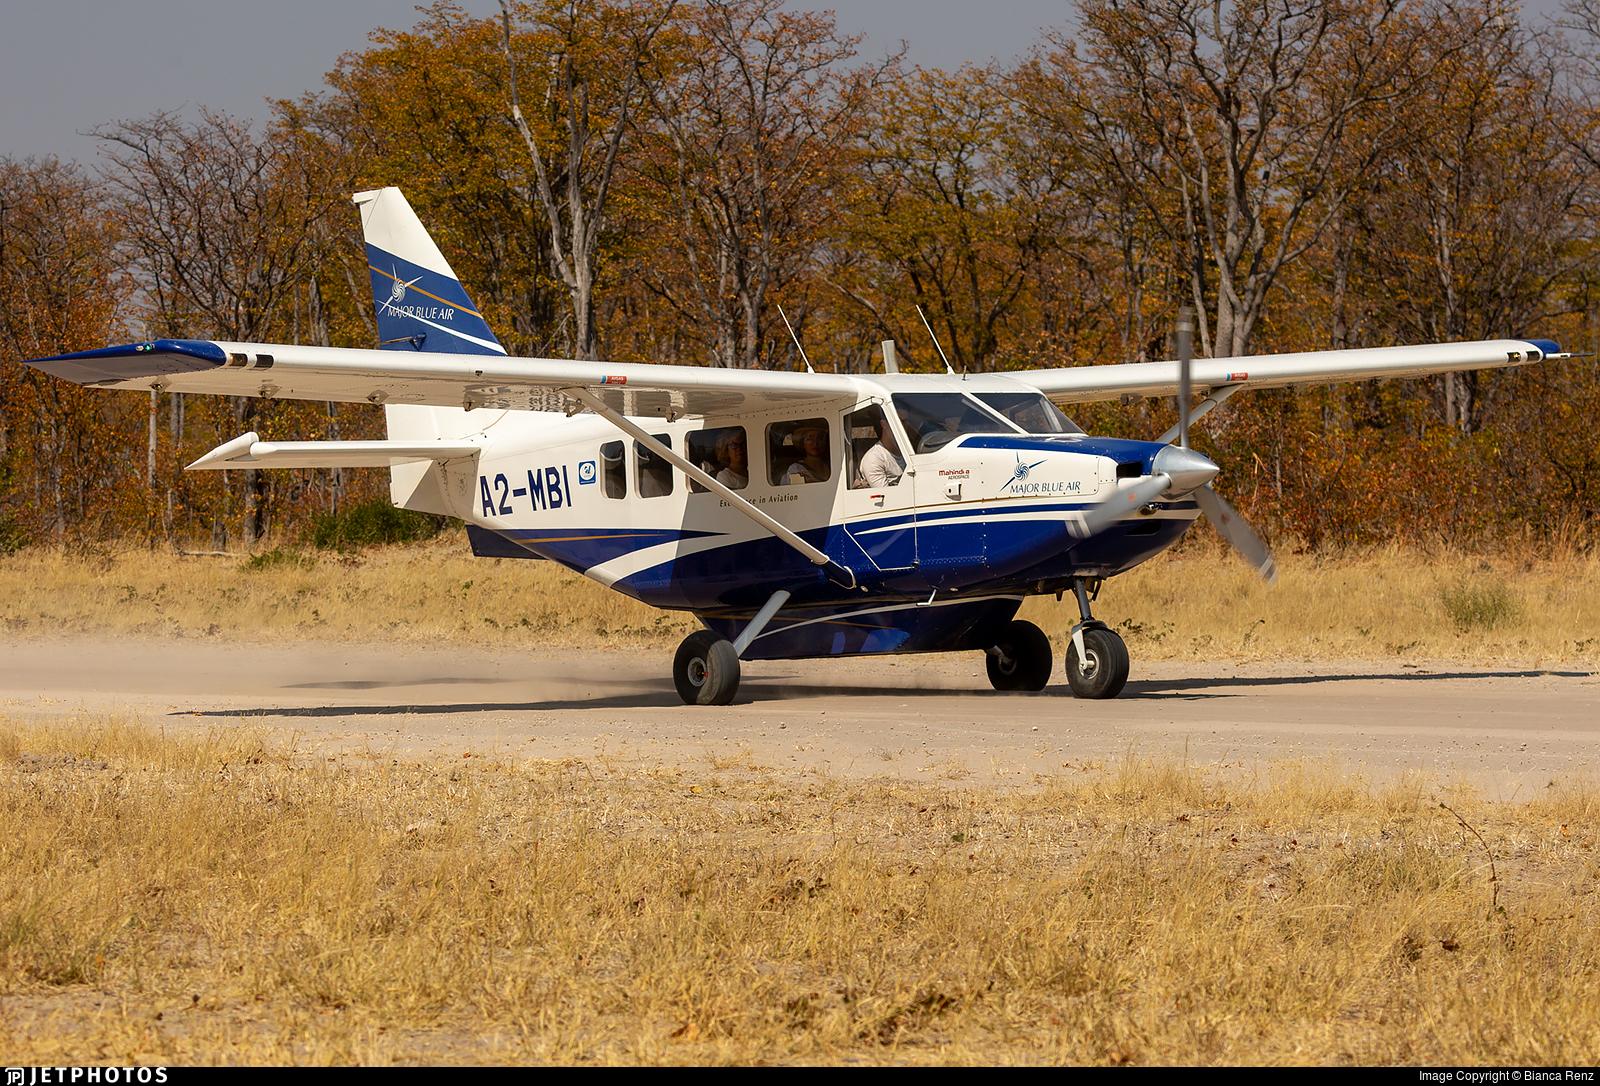 A2-MBI - Gippsland GA-8 Airvan - Major Blue Air